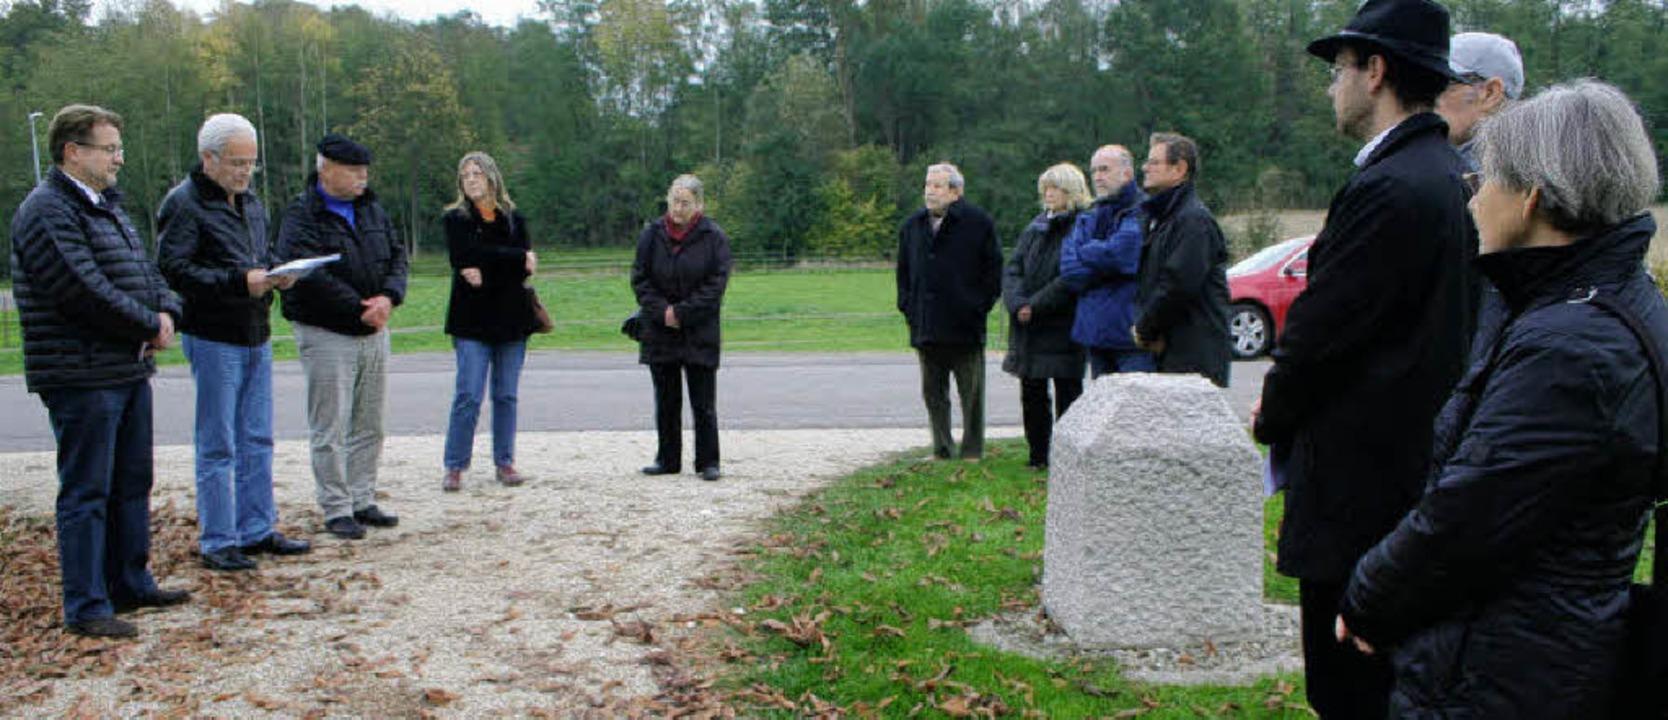 Rund zwei Dutzend Menschen nahmen an d...beim jüdischen Friedhof Kirchen teil.   | Foto: cremer